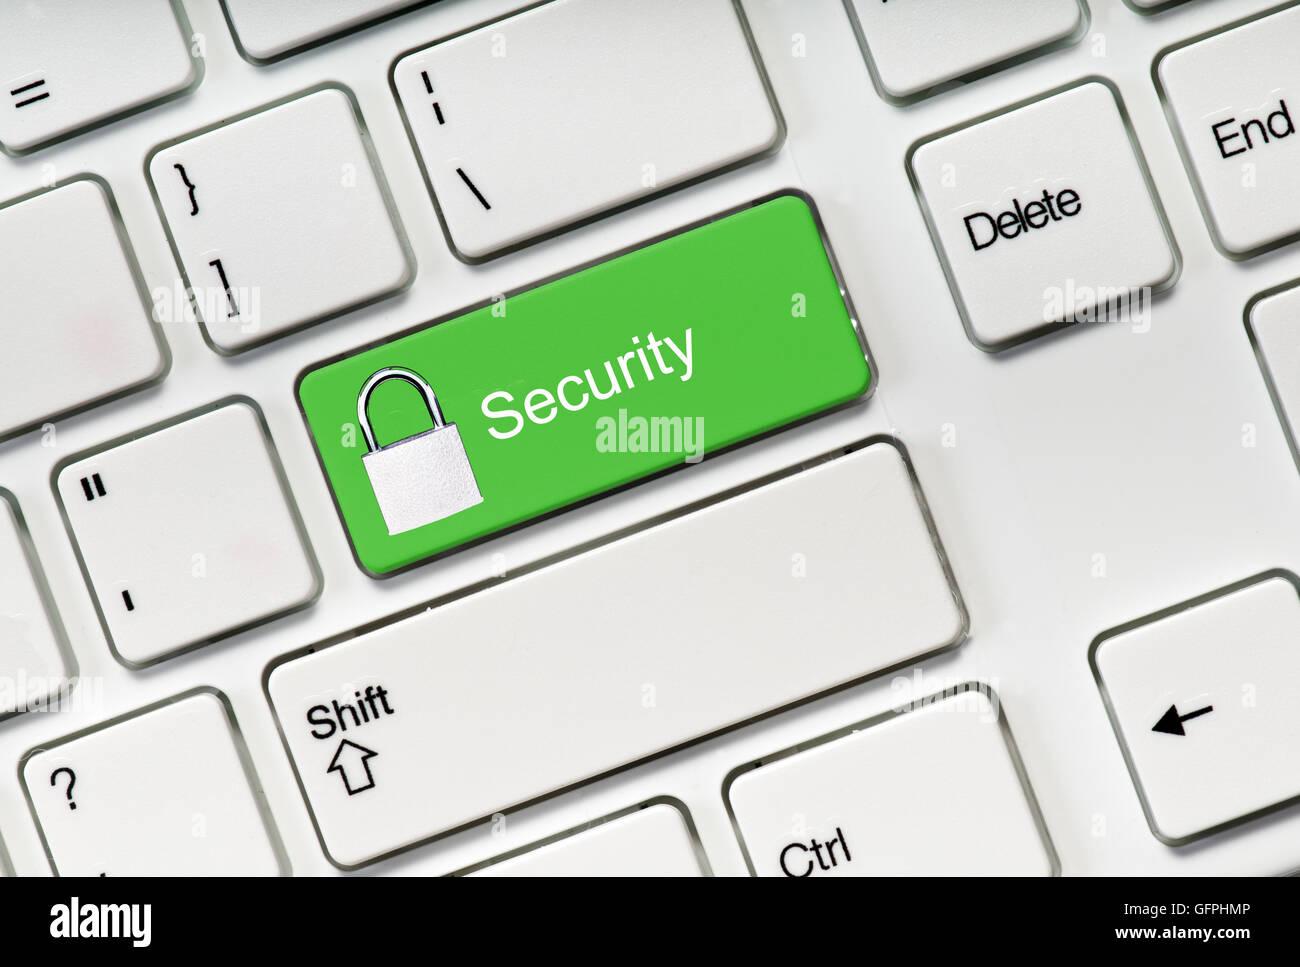 Botón de seguridad en el teclado. Concepto de Net Safety Imagen De Stock